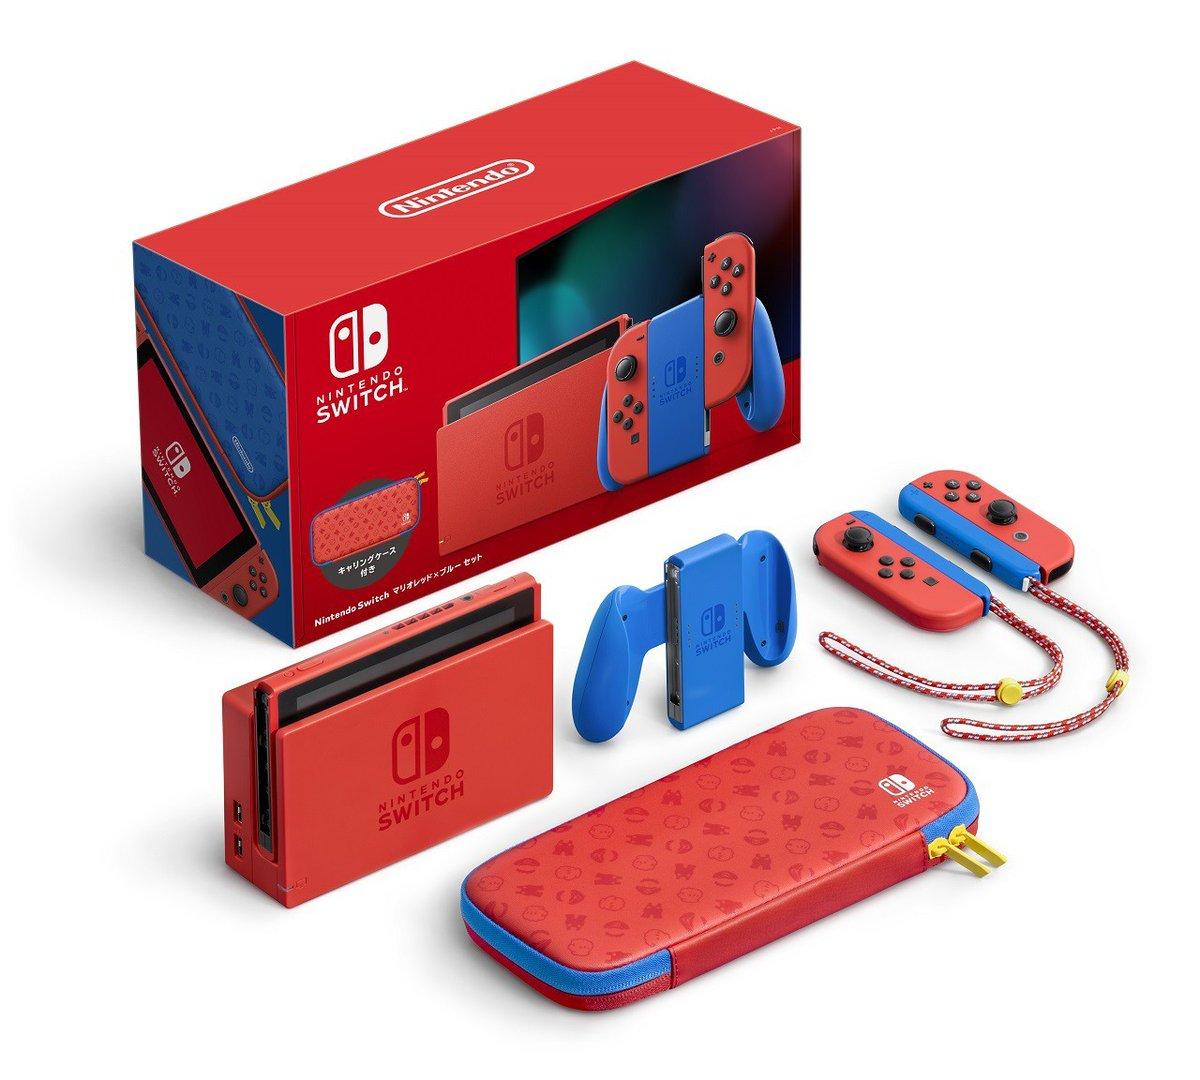 「Nintendo Switch マリオレッド×ブルー セット」本日から予約受付が順次開始へ   「マリオ」の服装をモチーフに、初めて本体のカラーまで変更された特別セット。通常のSwitch本体と同じ価格で特別デザインのキャリングケースと画面保護シールも付属する